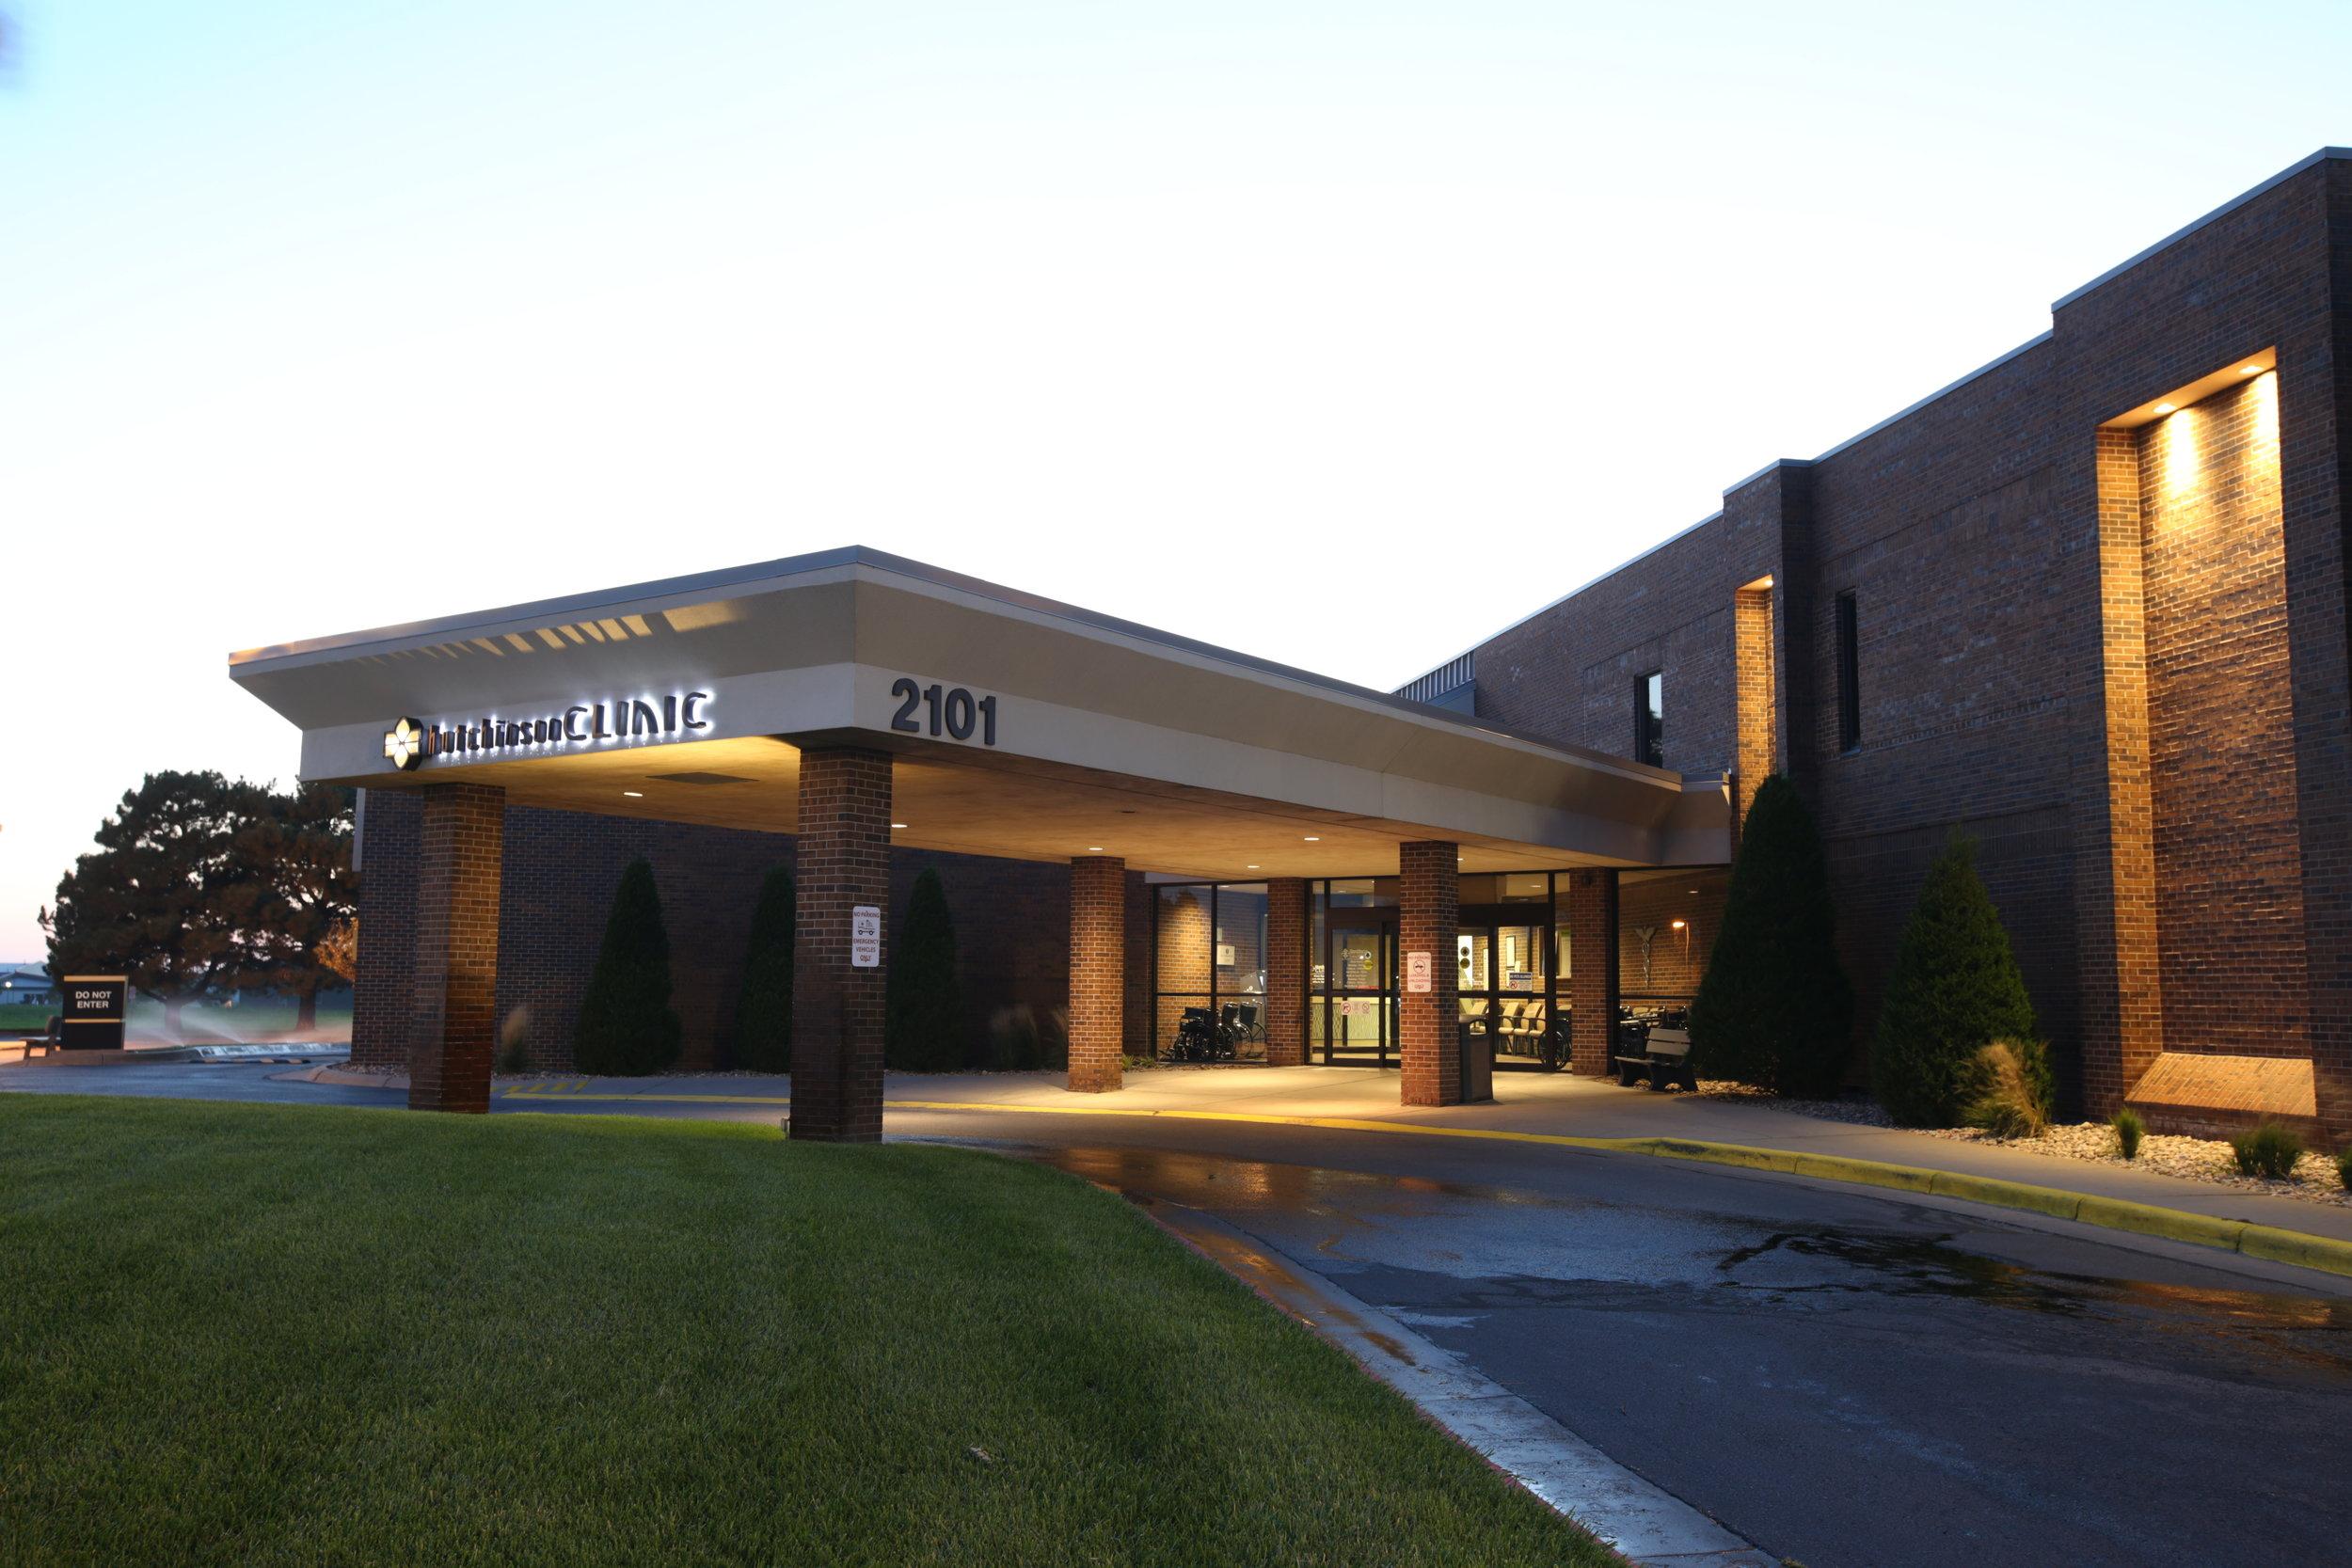 2101 south entrance 2.JPG